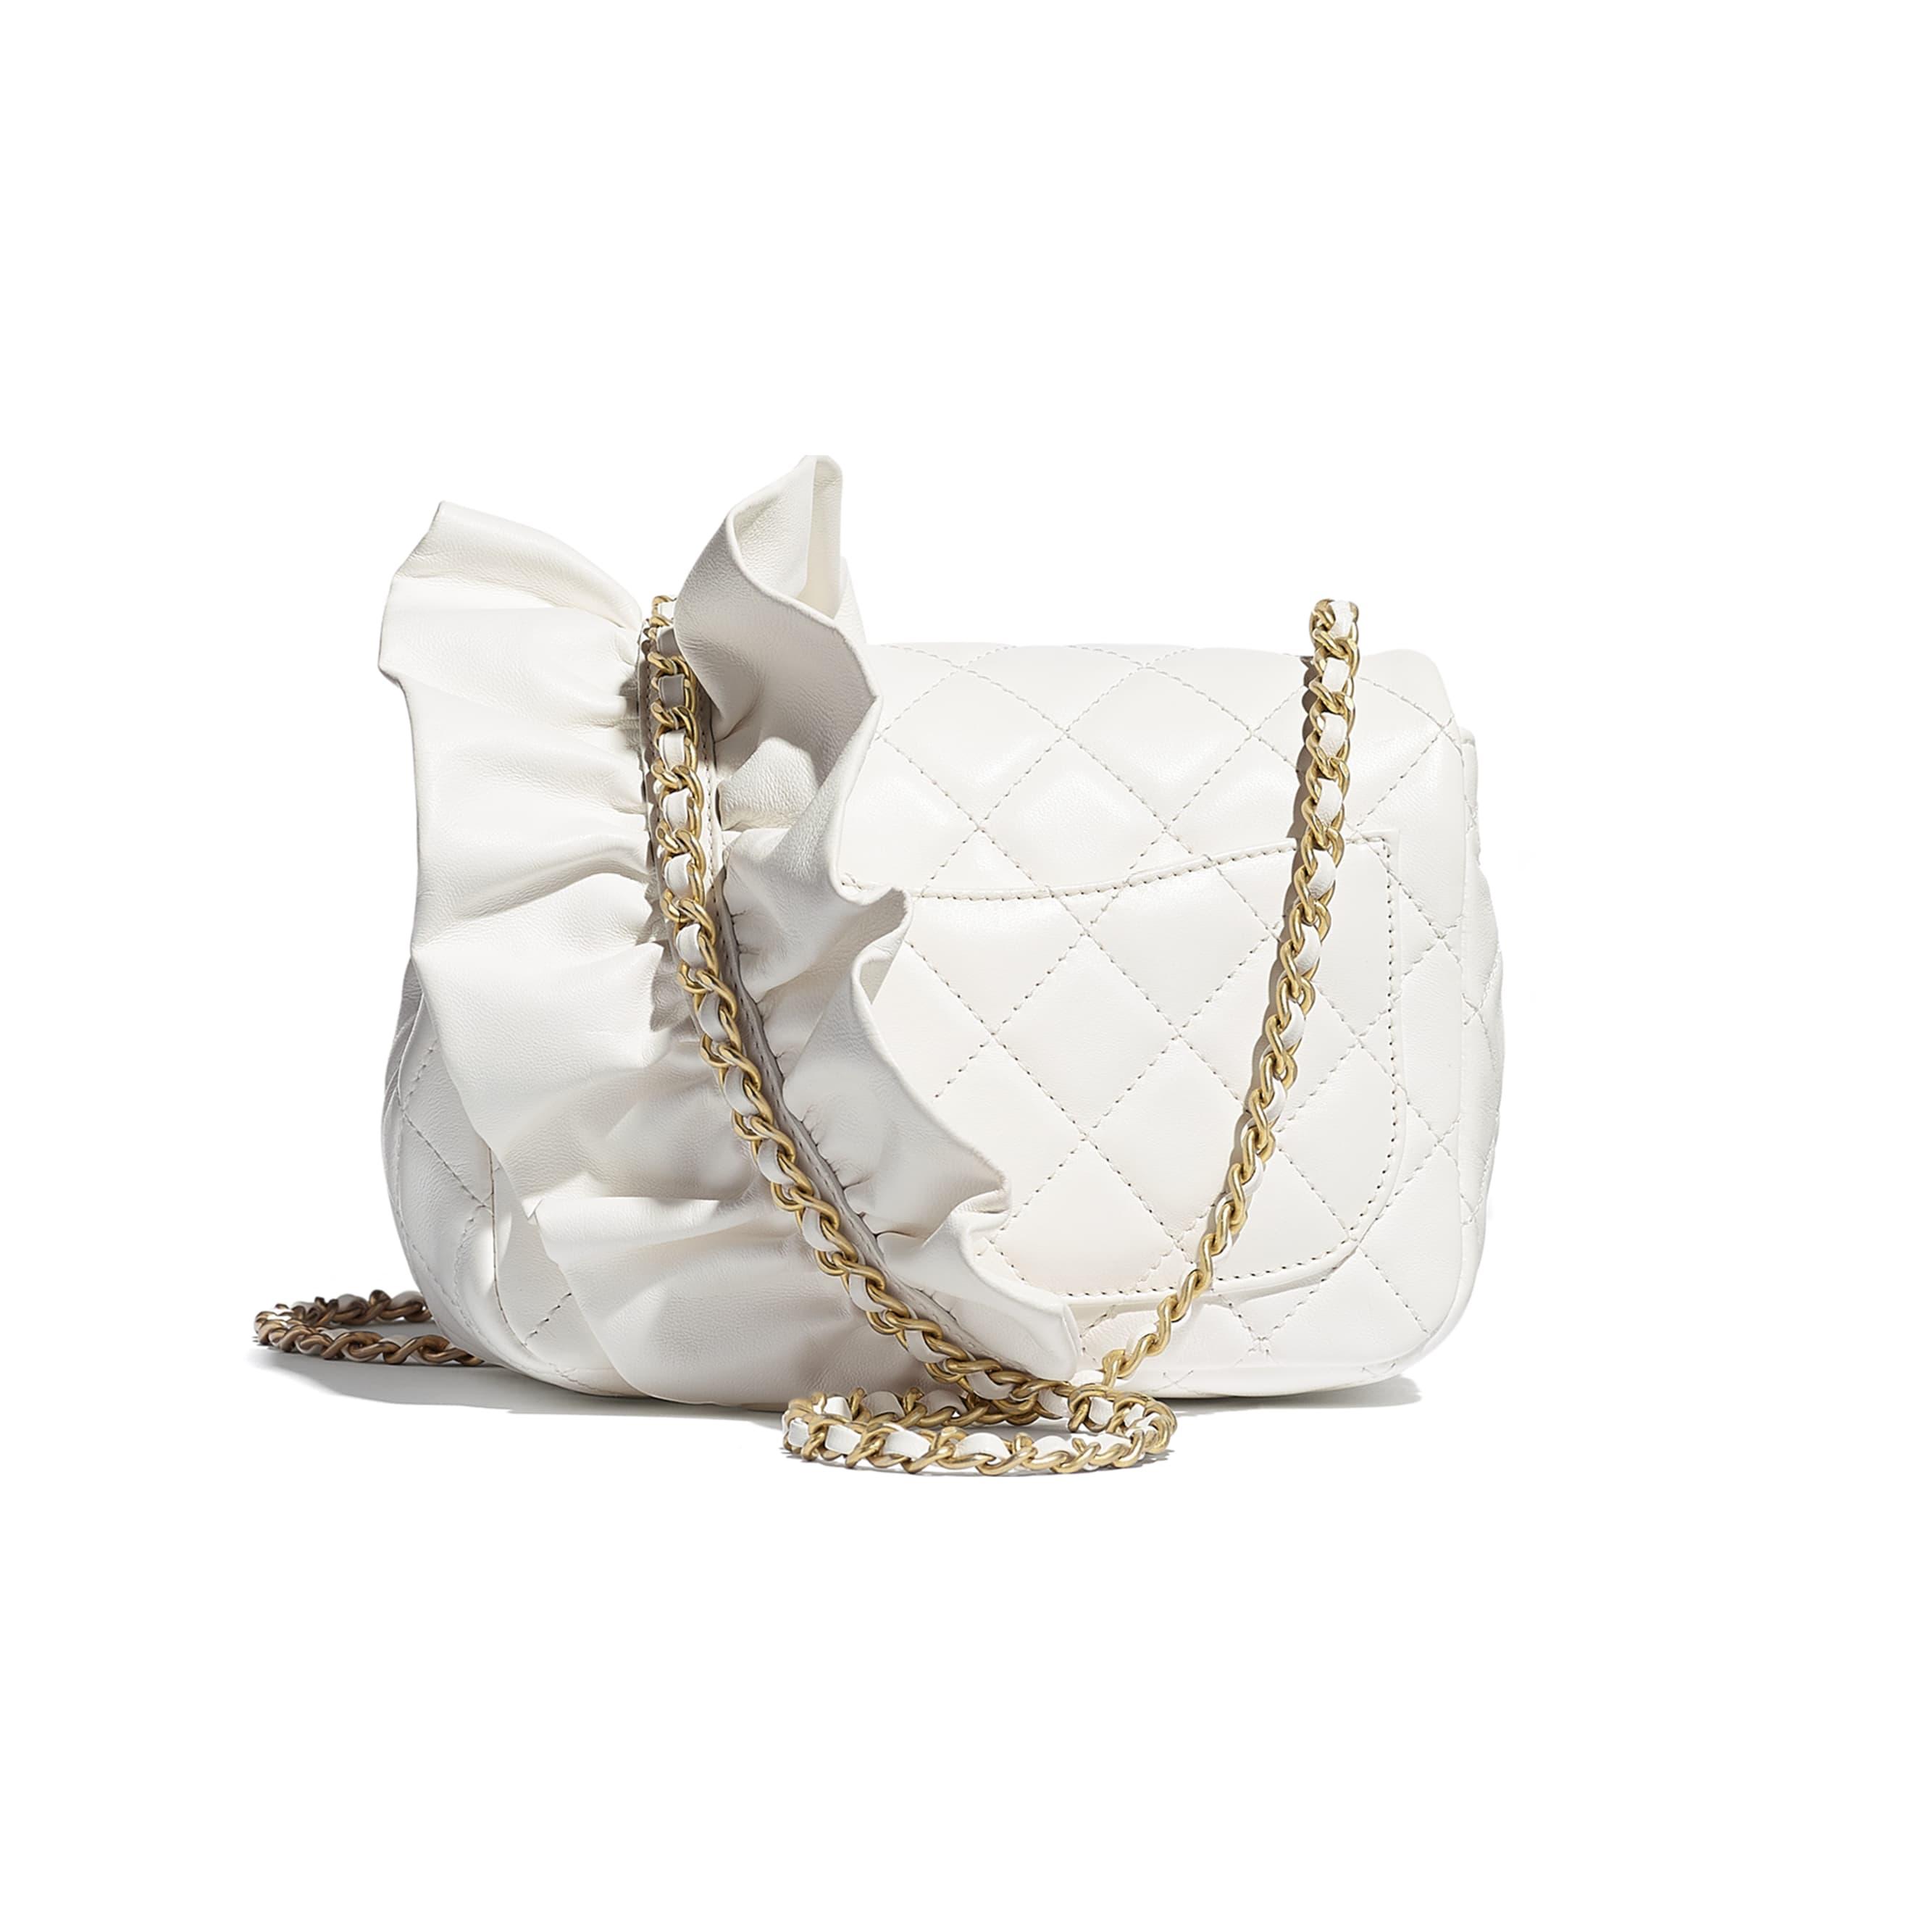 細號垂蓋手袋 - 白色 - 小羊皮及金色金屬 - CHANEL - 替代視圖 - 查看標準尺寸版本